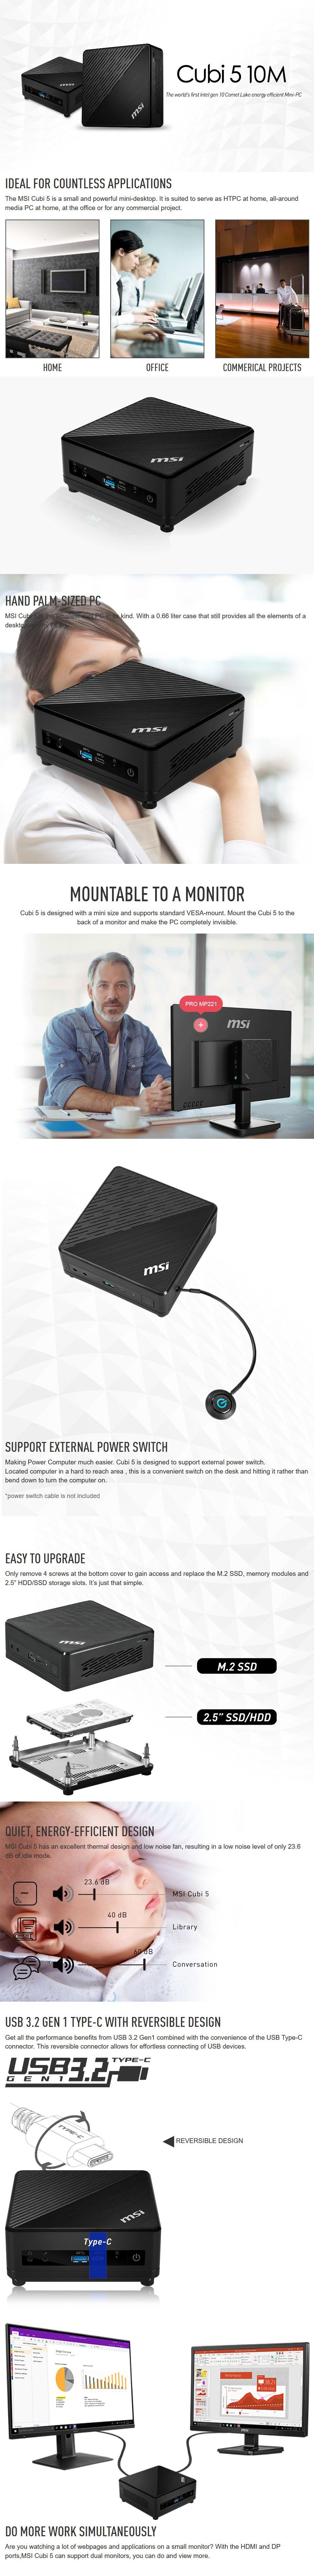 msi-cubi-5-10m037bau-barebone-minipc-inteafl-core-i3-processor-ac36139-3-1-.jpg